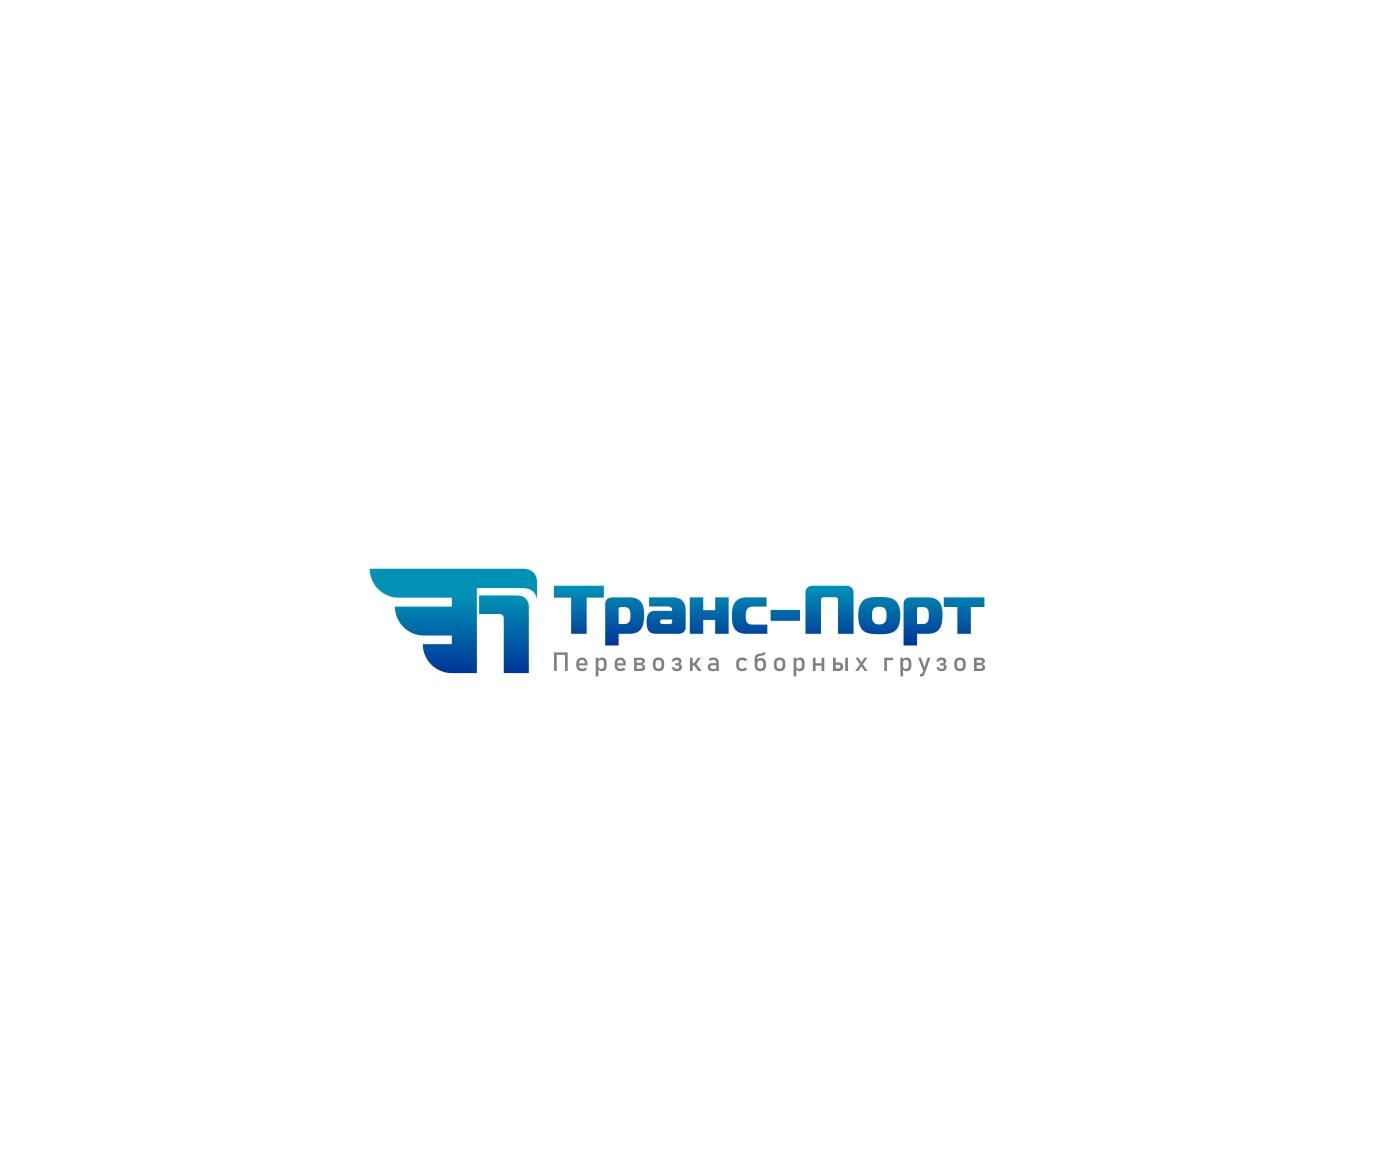 Разработка логотипа для логистической компании фото f_4585d26df1eec936.jpg